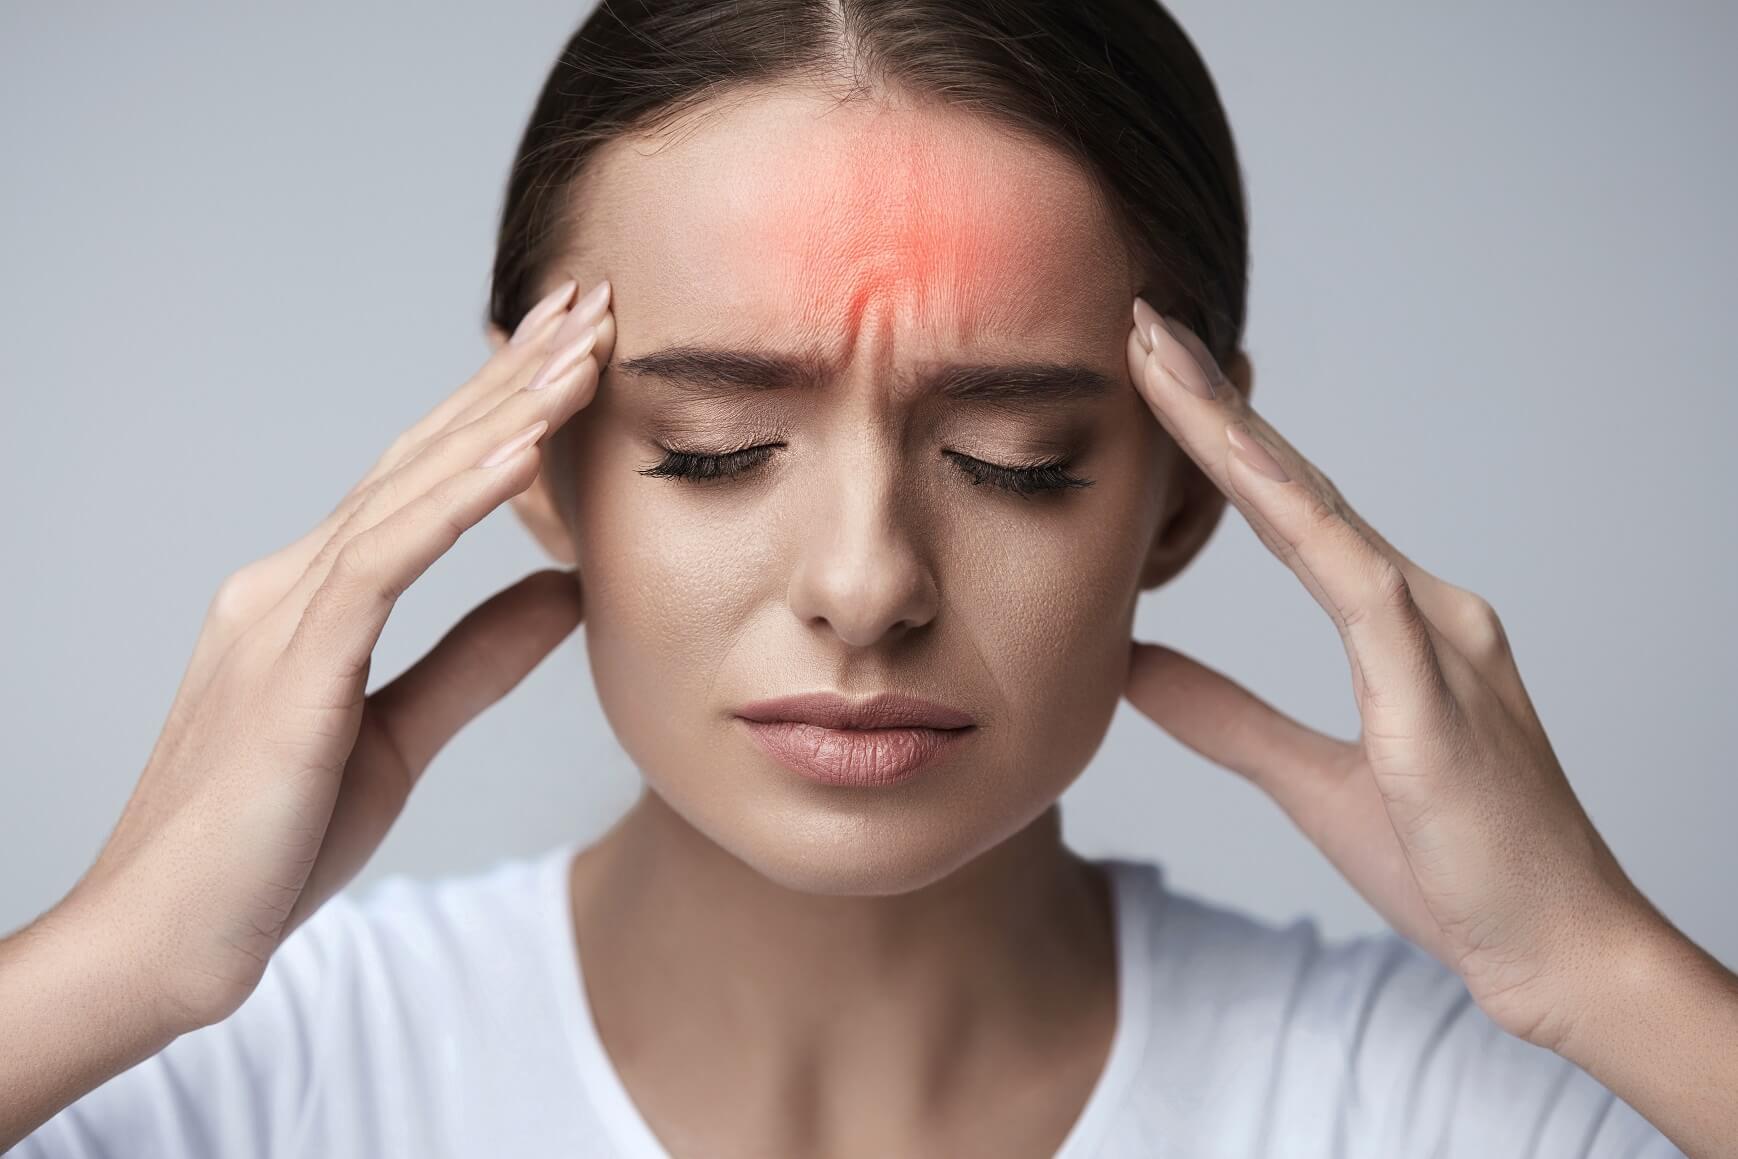 Болит бровь над глазом при нажатии и без, давит, ноет: причины, диагностика, лечение (капли, препараты)